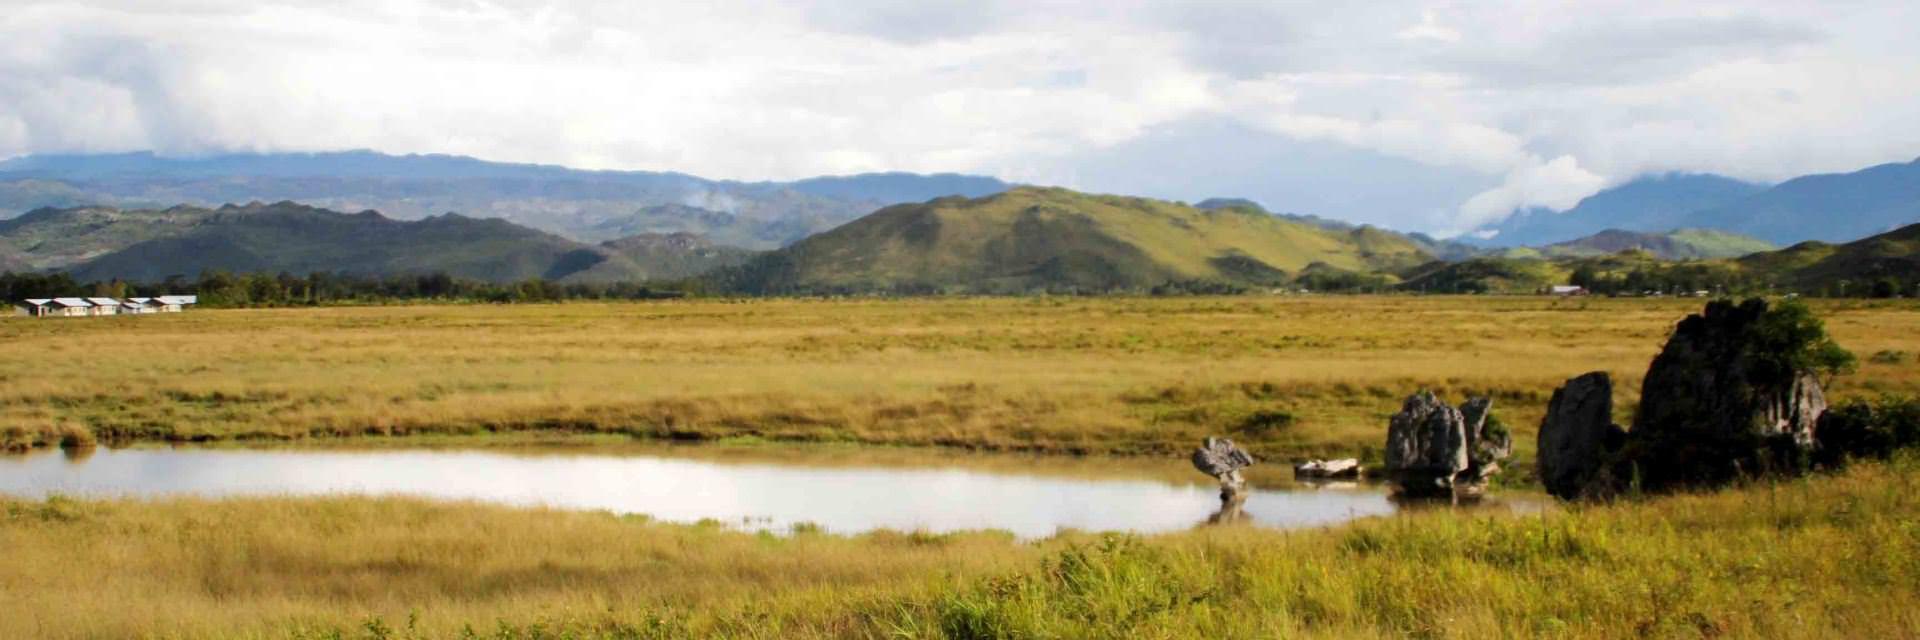 6 Fakta Keunikan yang Tersimpan di Lembah Baliem Papua